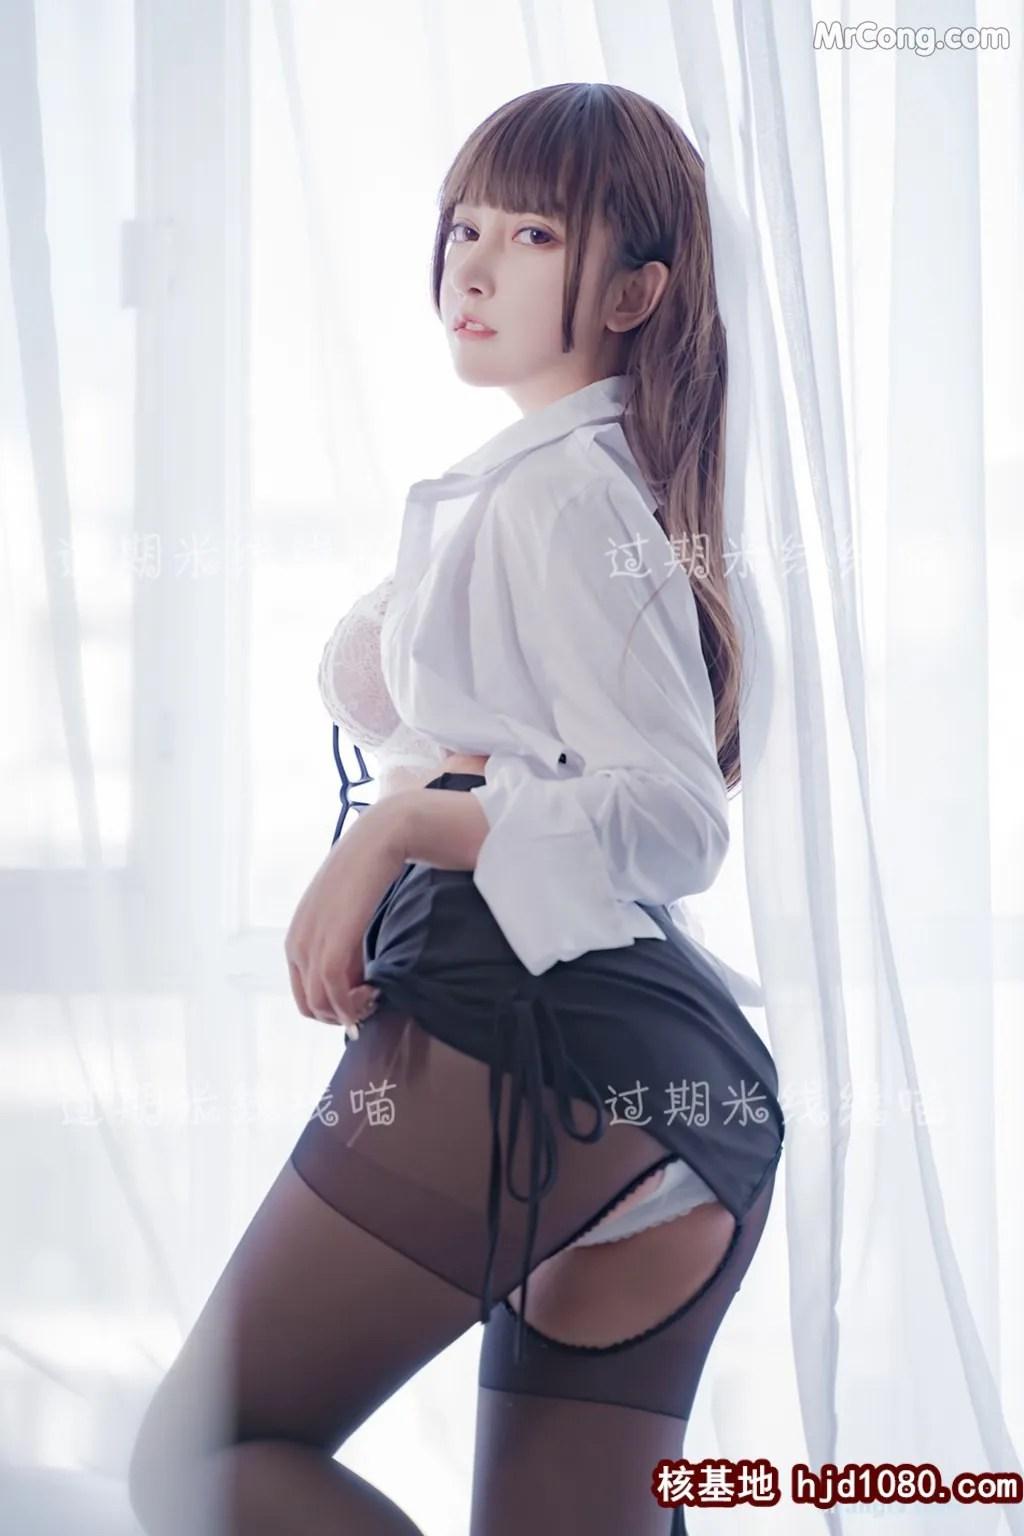 图片[3] - Coser @ 过期 米线 线 喵 OL 情欲 (24P) - 唯独你没懂